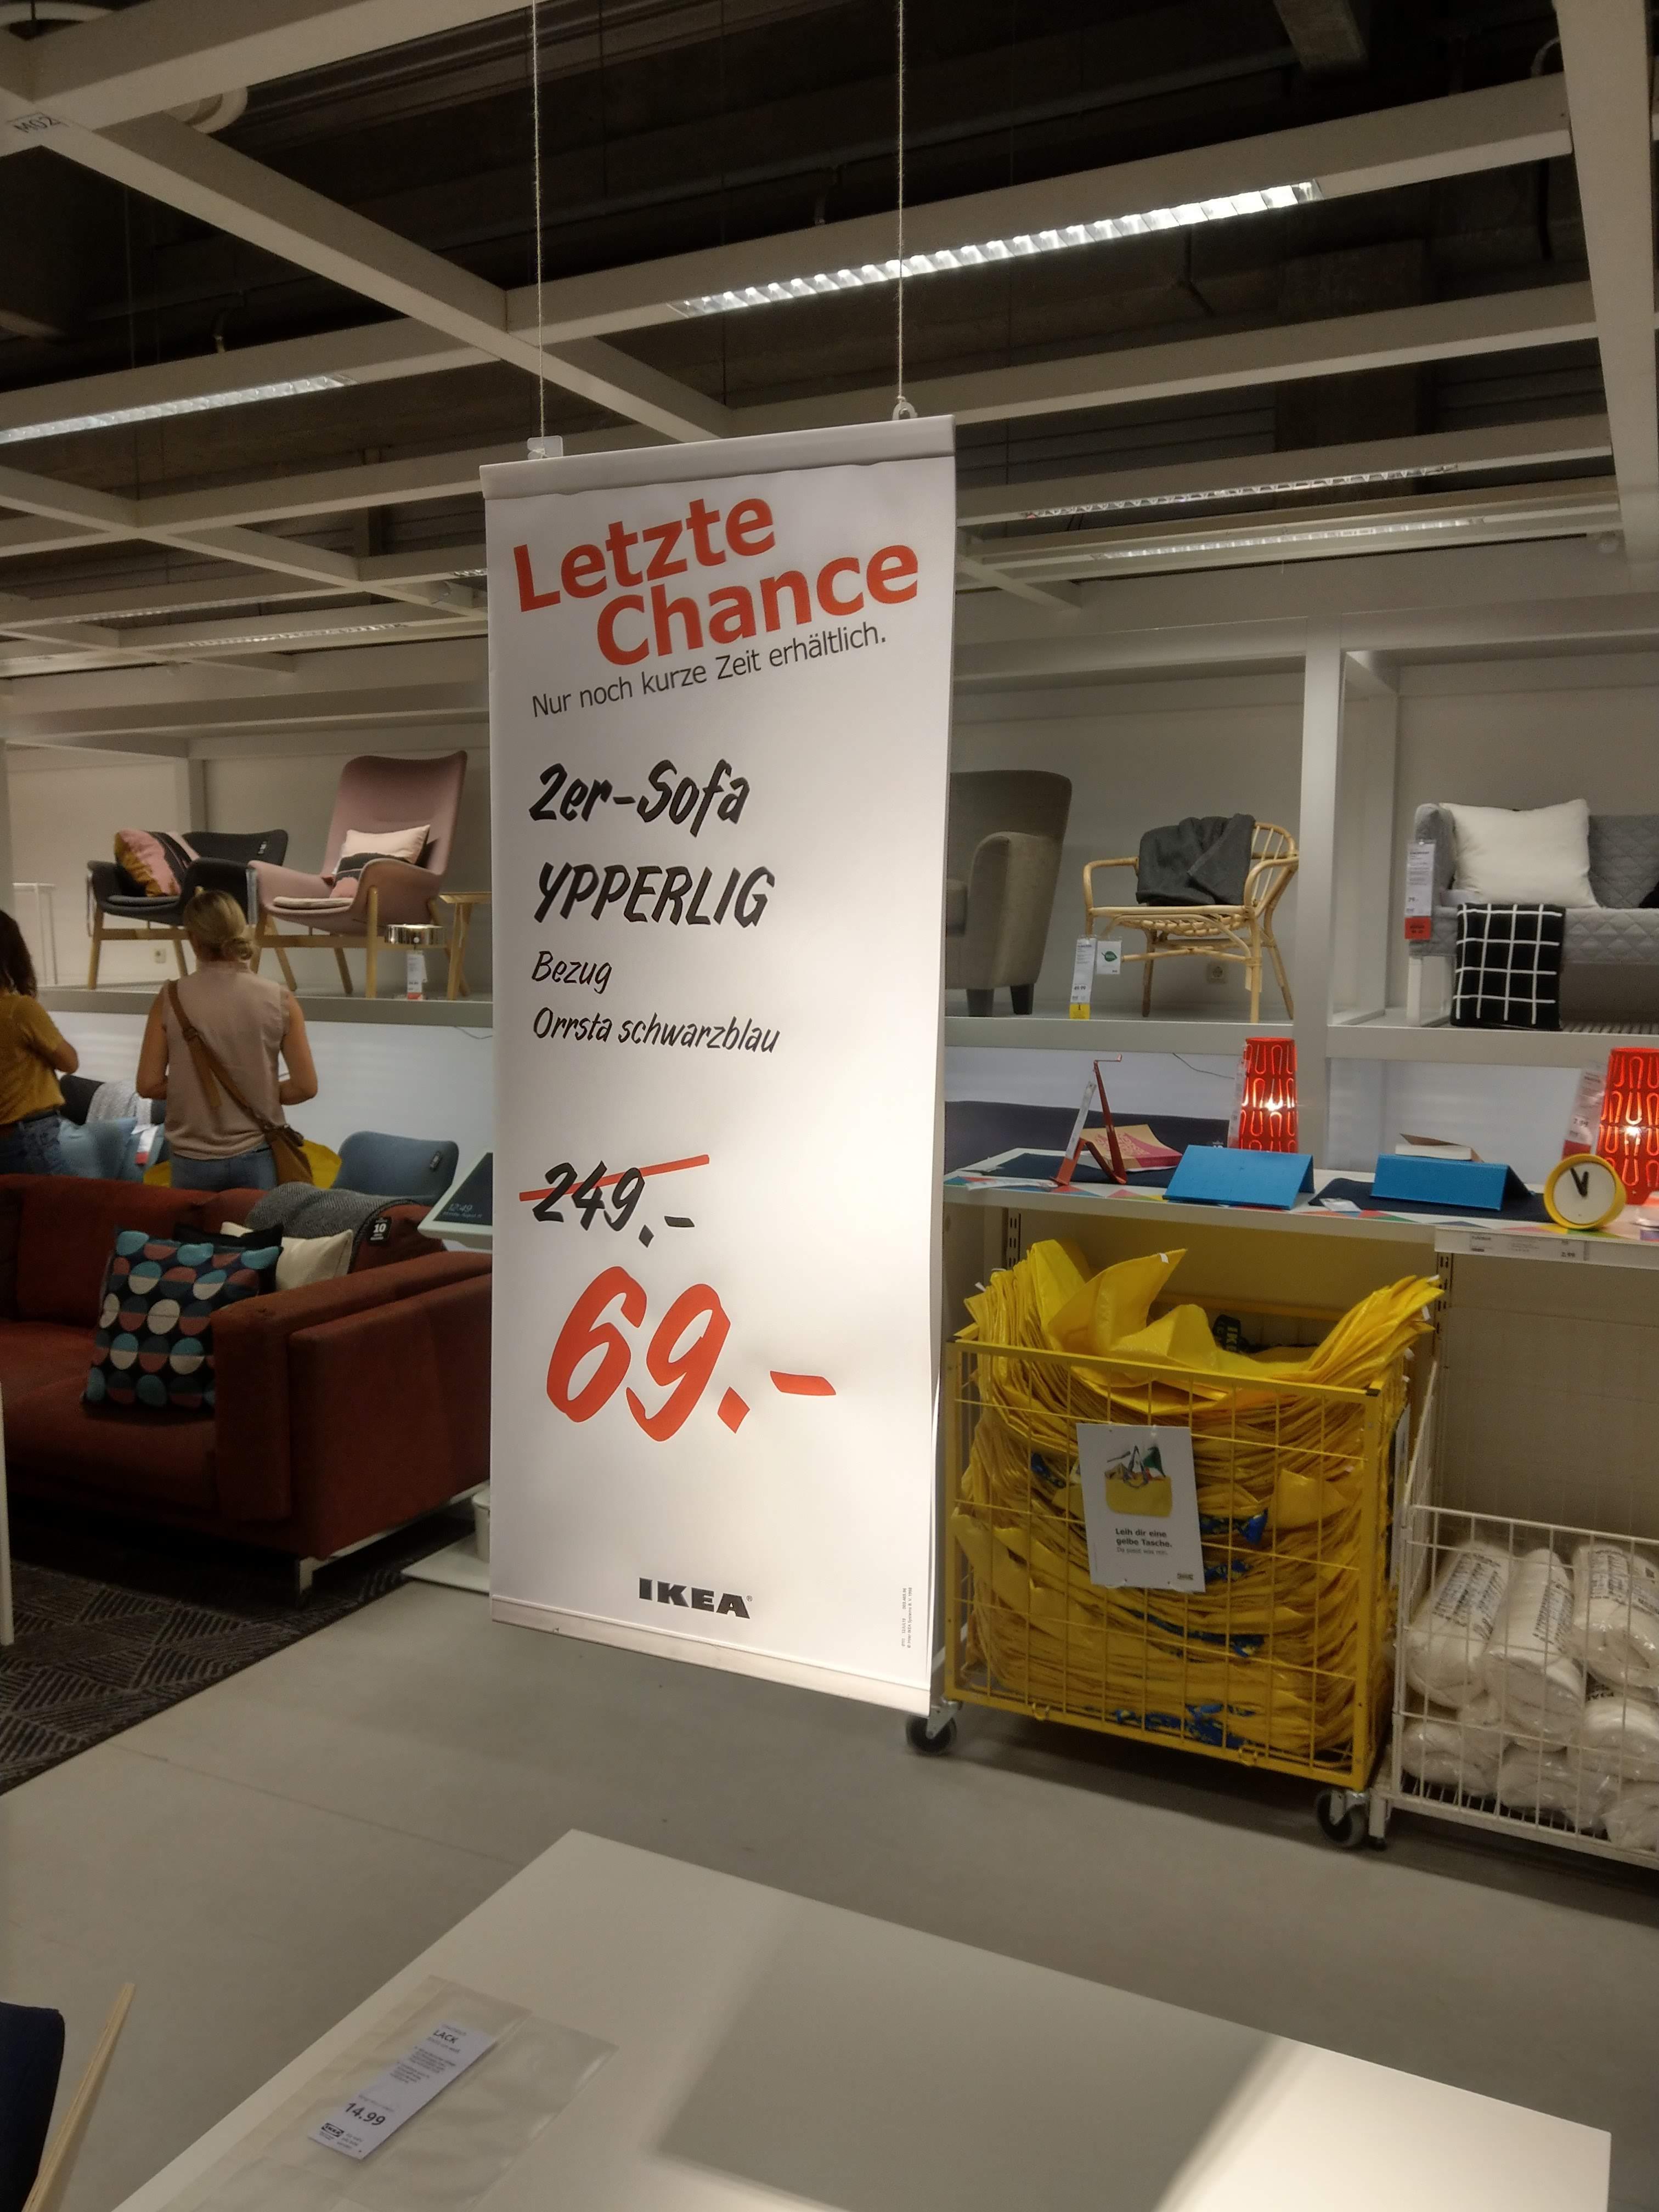 [Lokal IKEA Regensburg] 2er Sofa YPERRLIG für 69 € statt 249 €